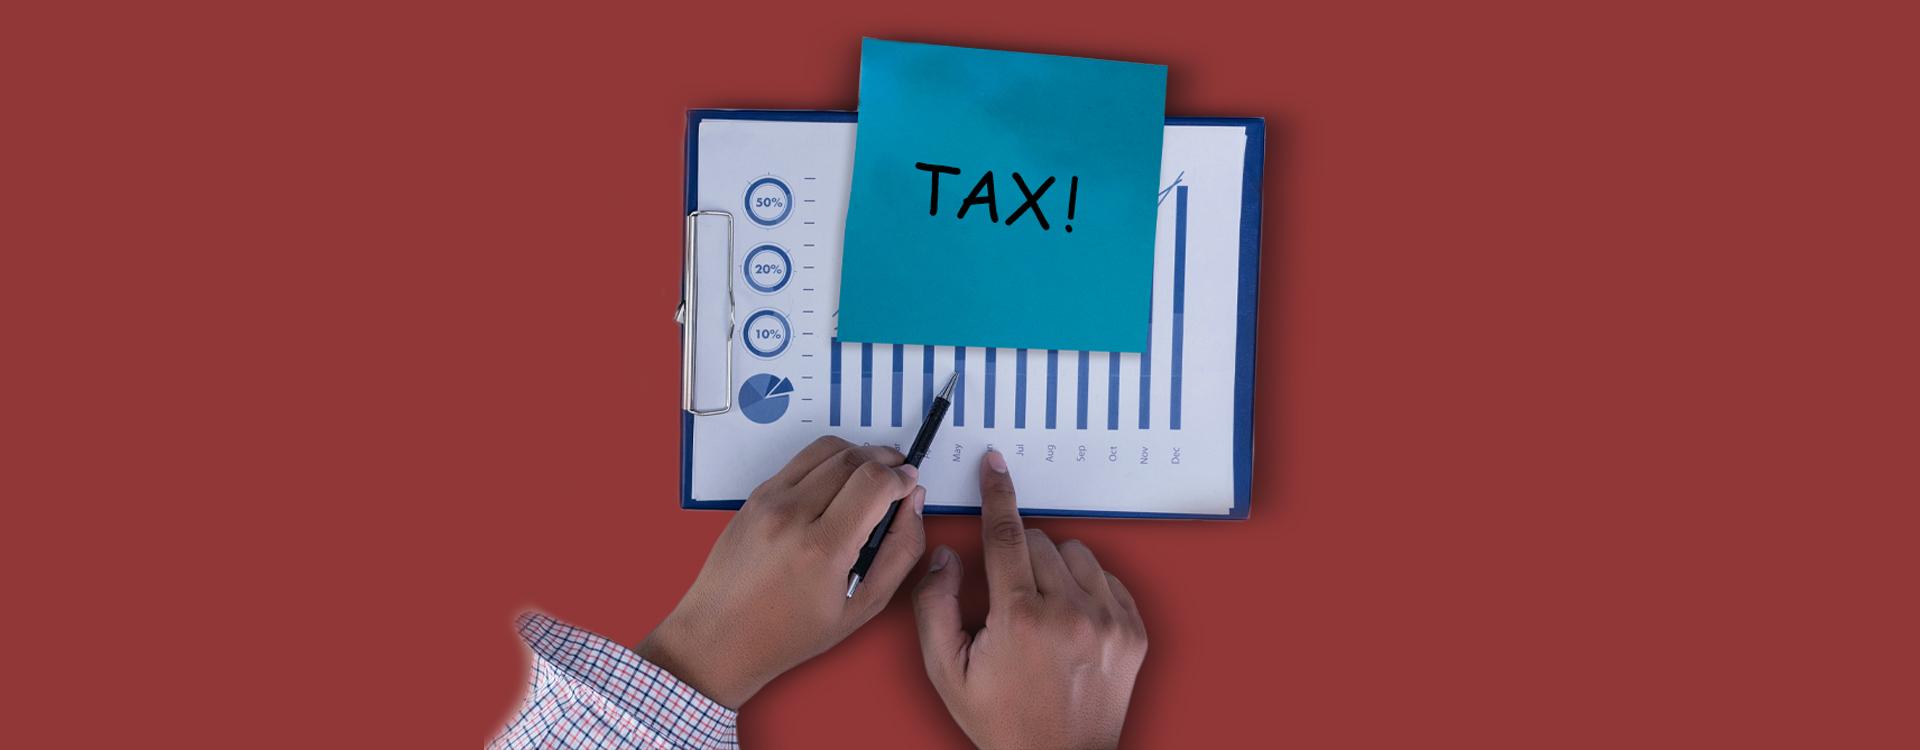 understanding taxes for entrepreneurs